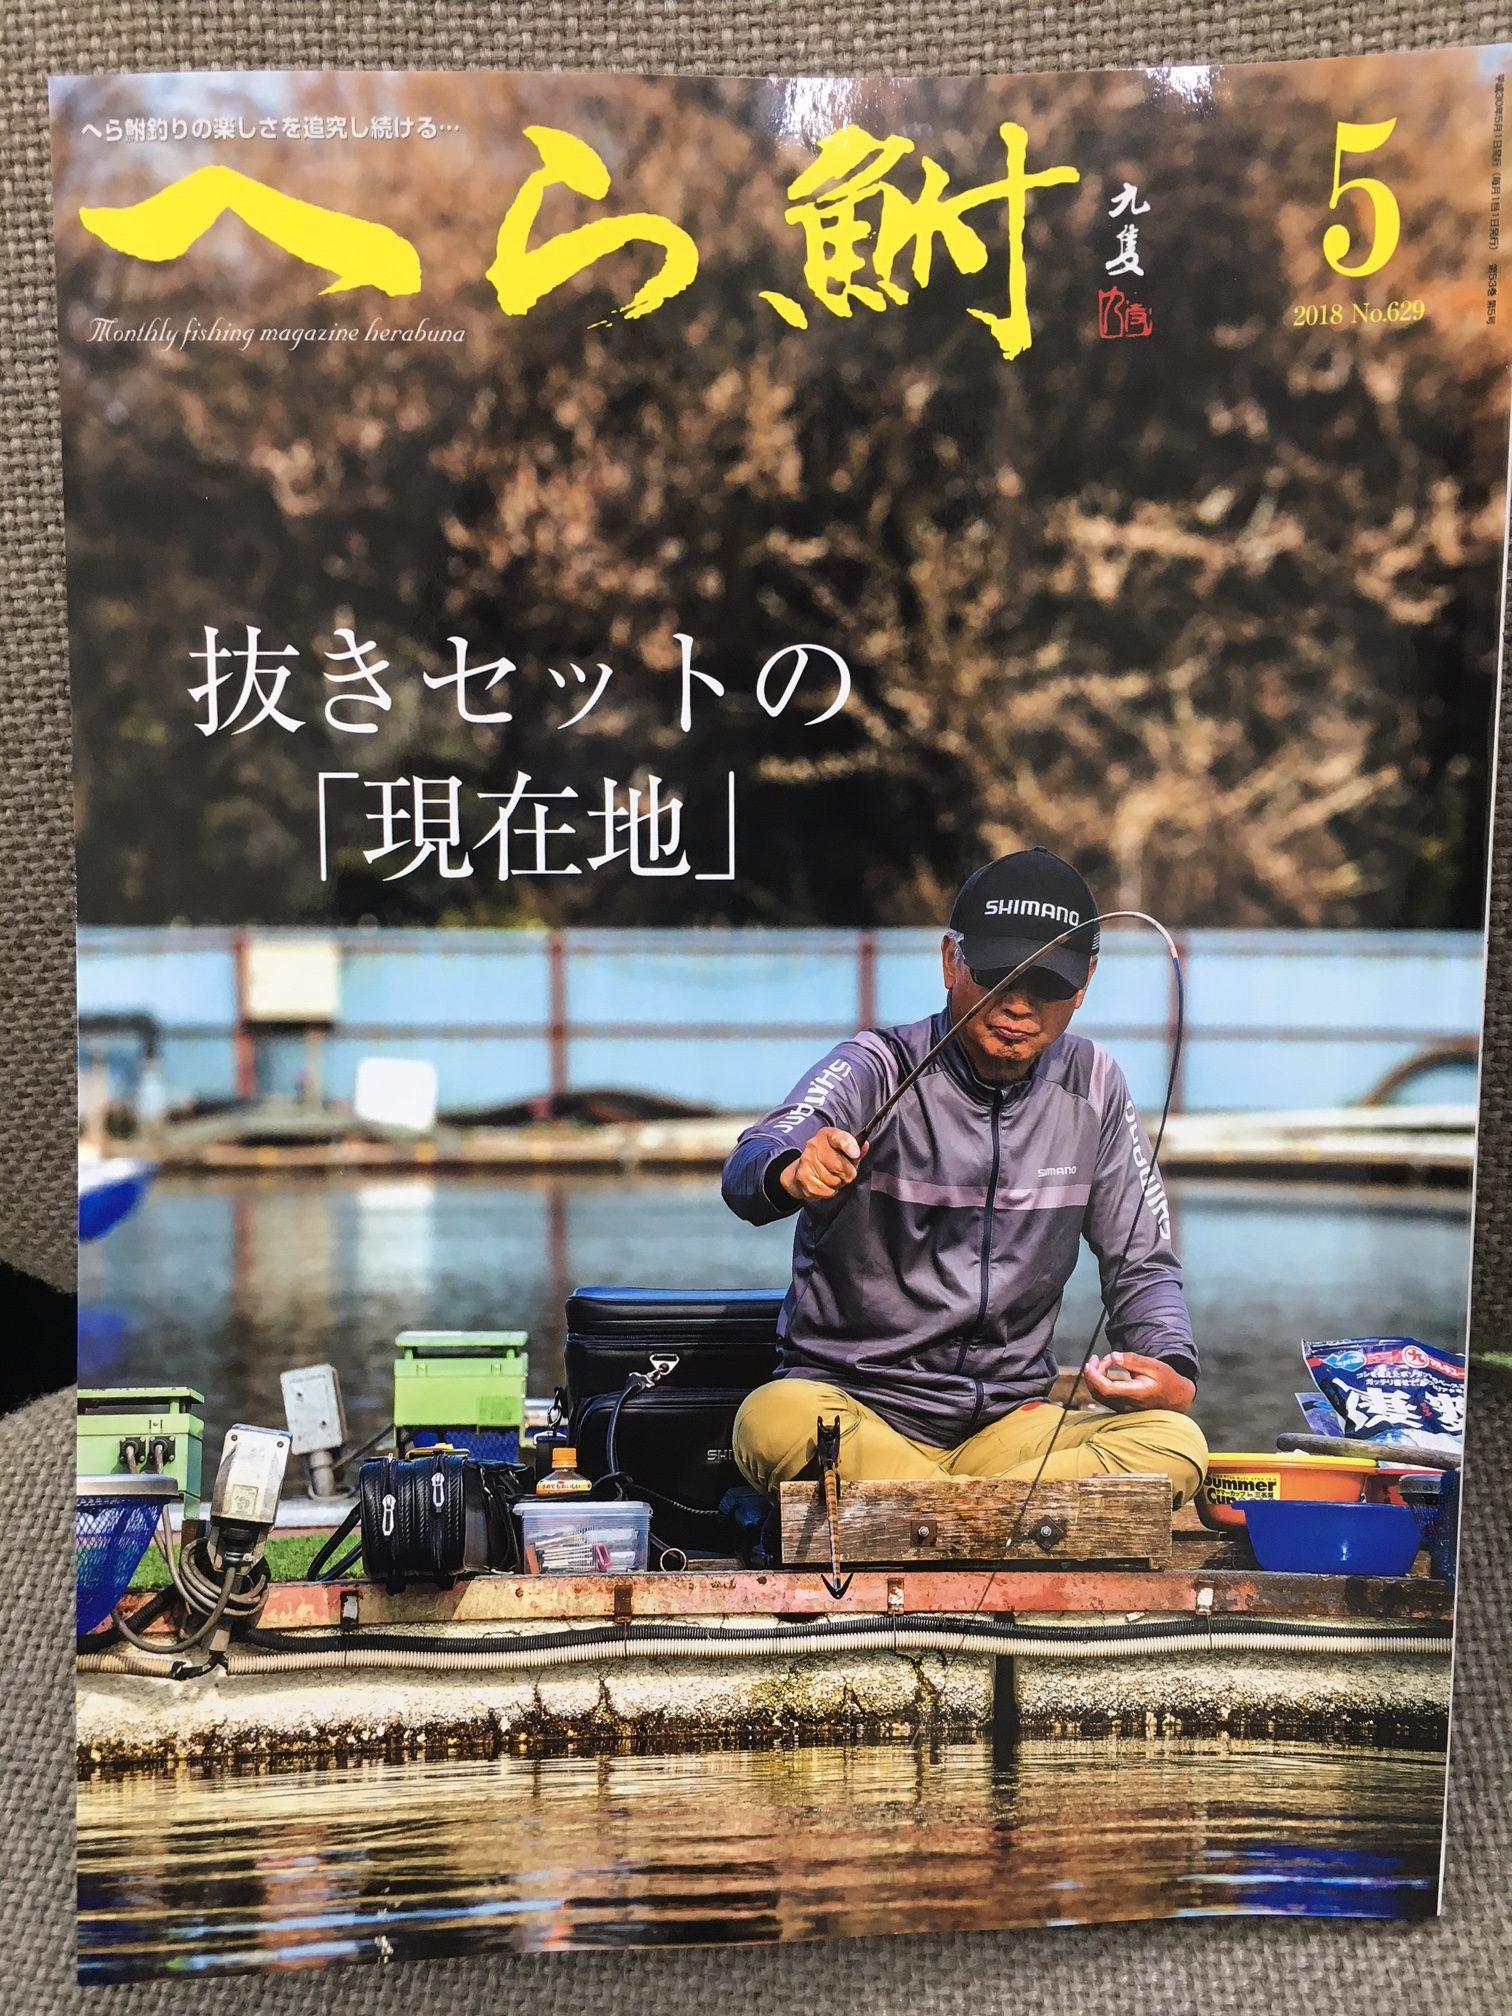 スタッフ千鮎掲載!へら鮒社『へら鮒5月号』